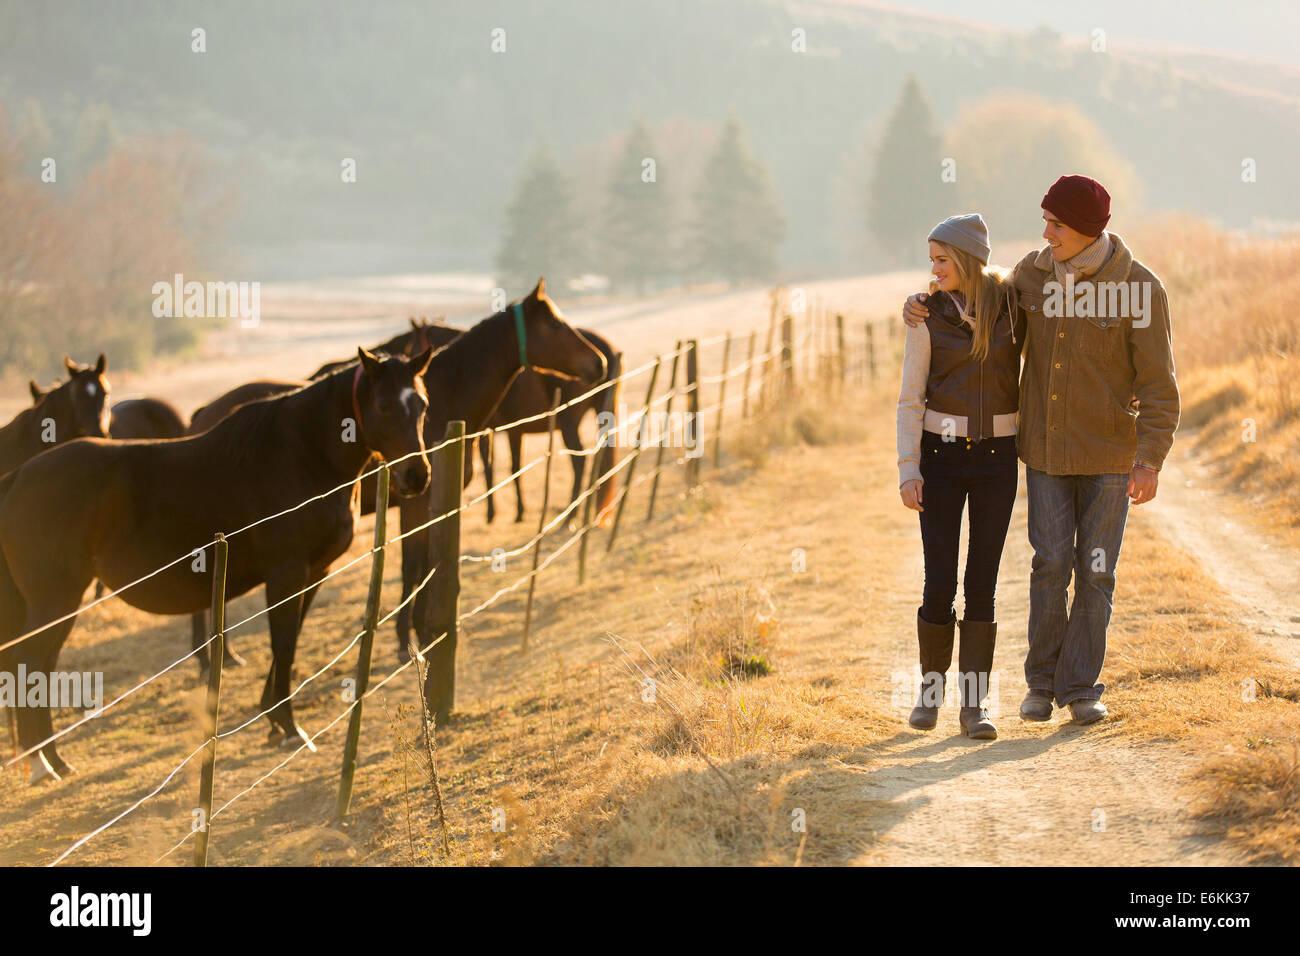 Pareja joven caminando en la granja de caballos Imagen De Stock